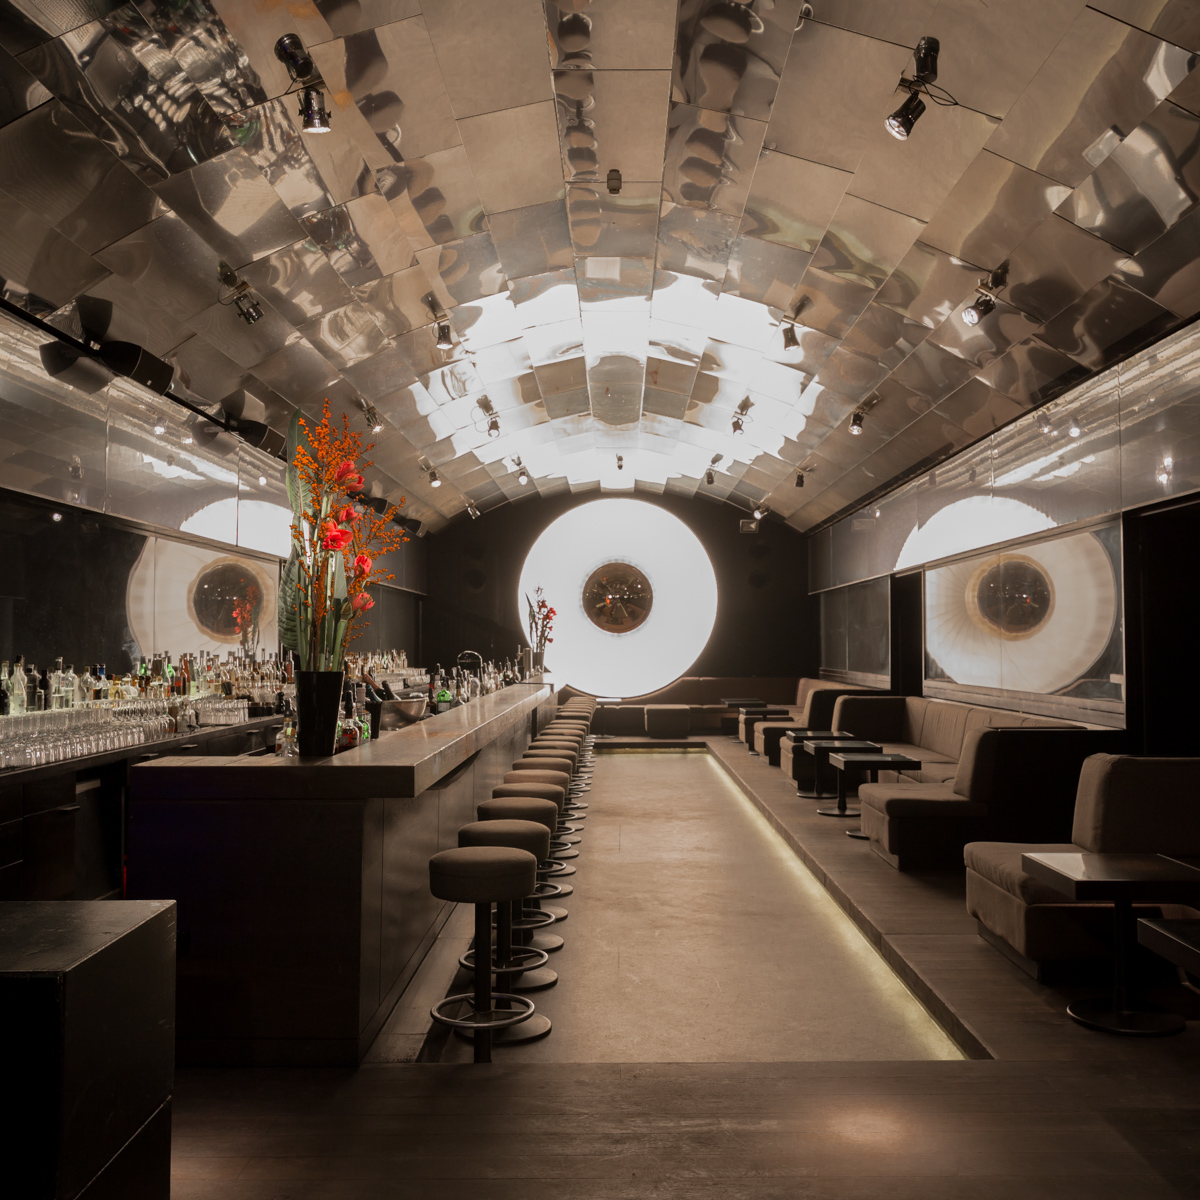 Bar Tausend Berlin Mitte-1